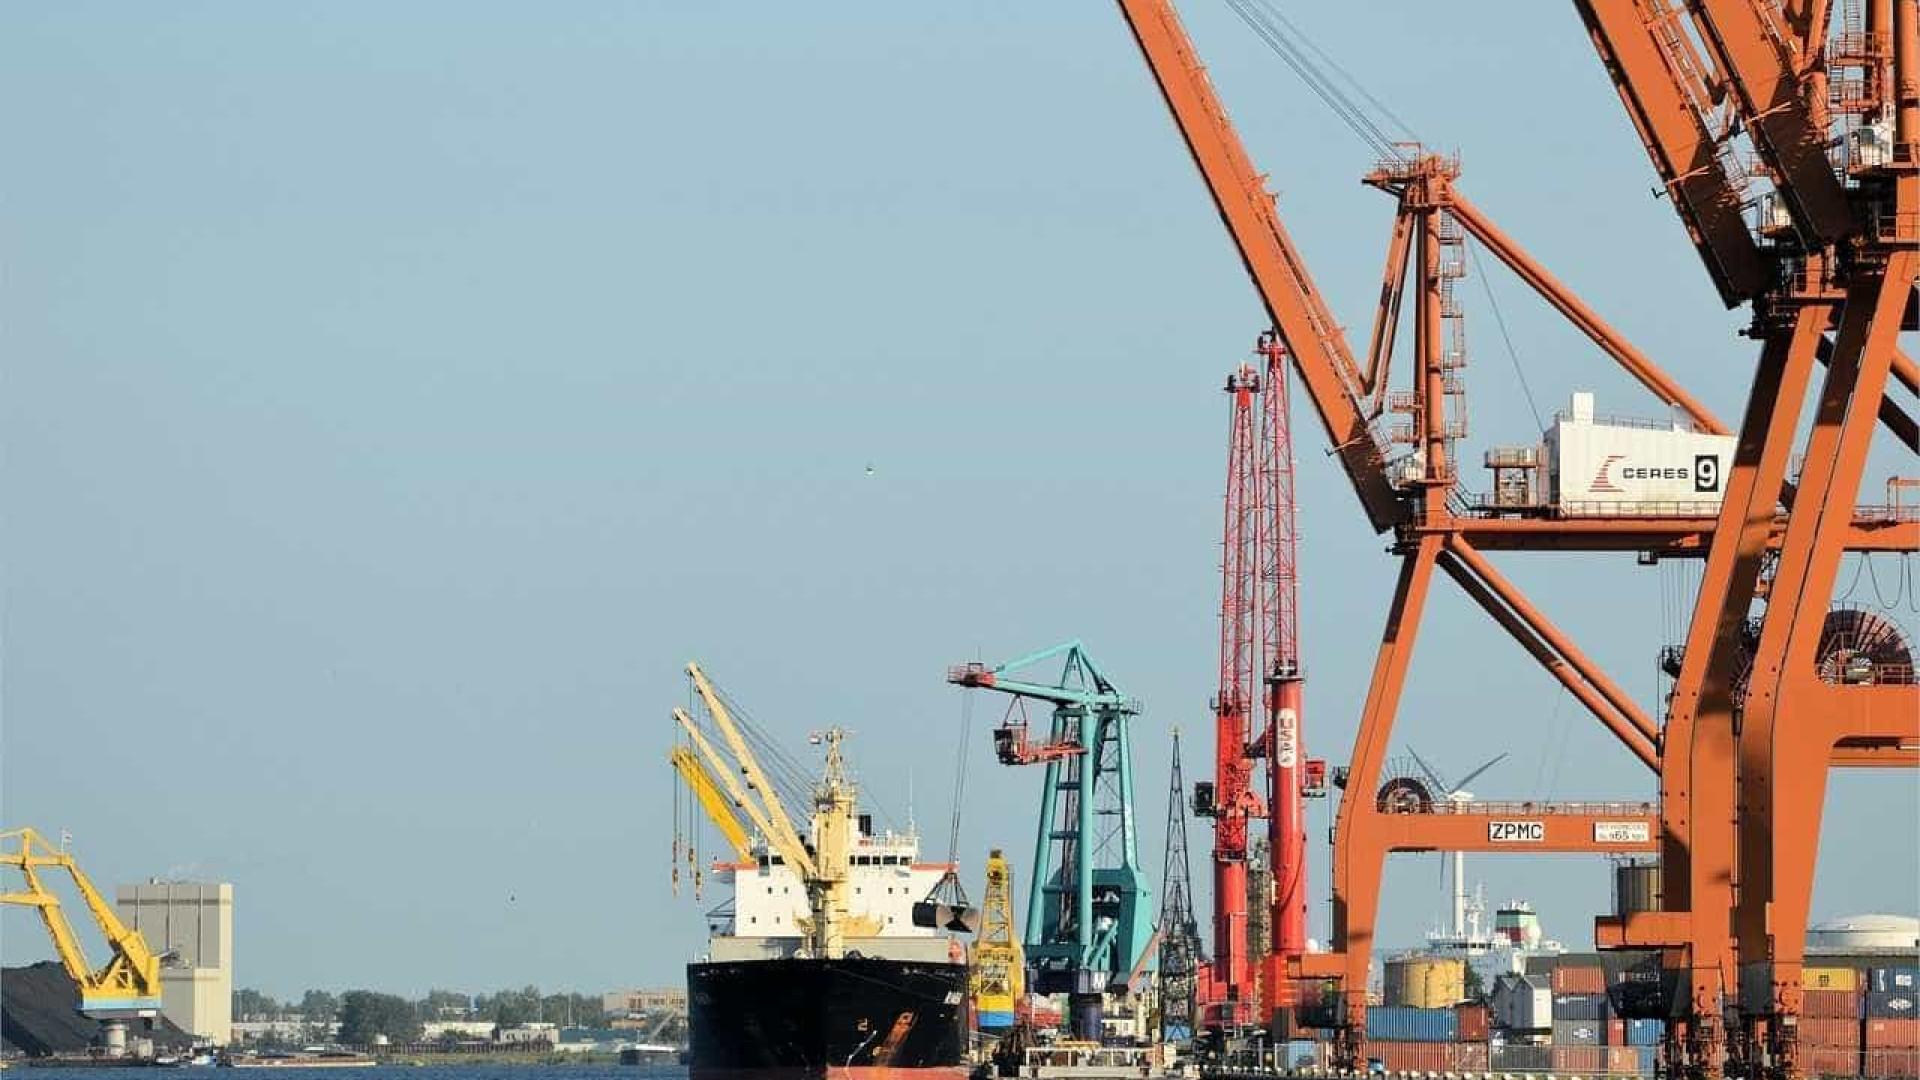 Brasil é 'anão' nas exportações, diz economista